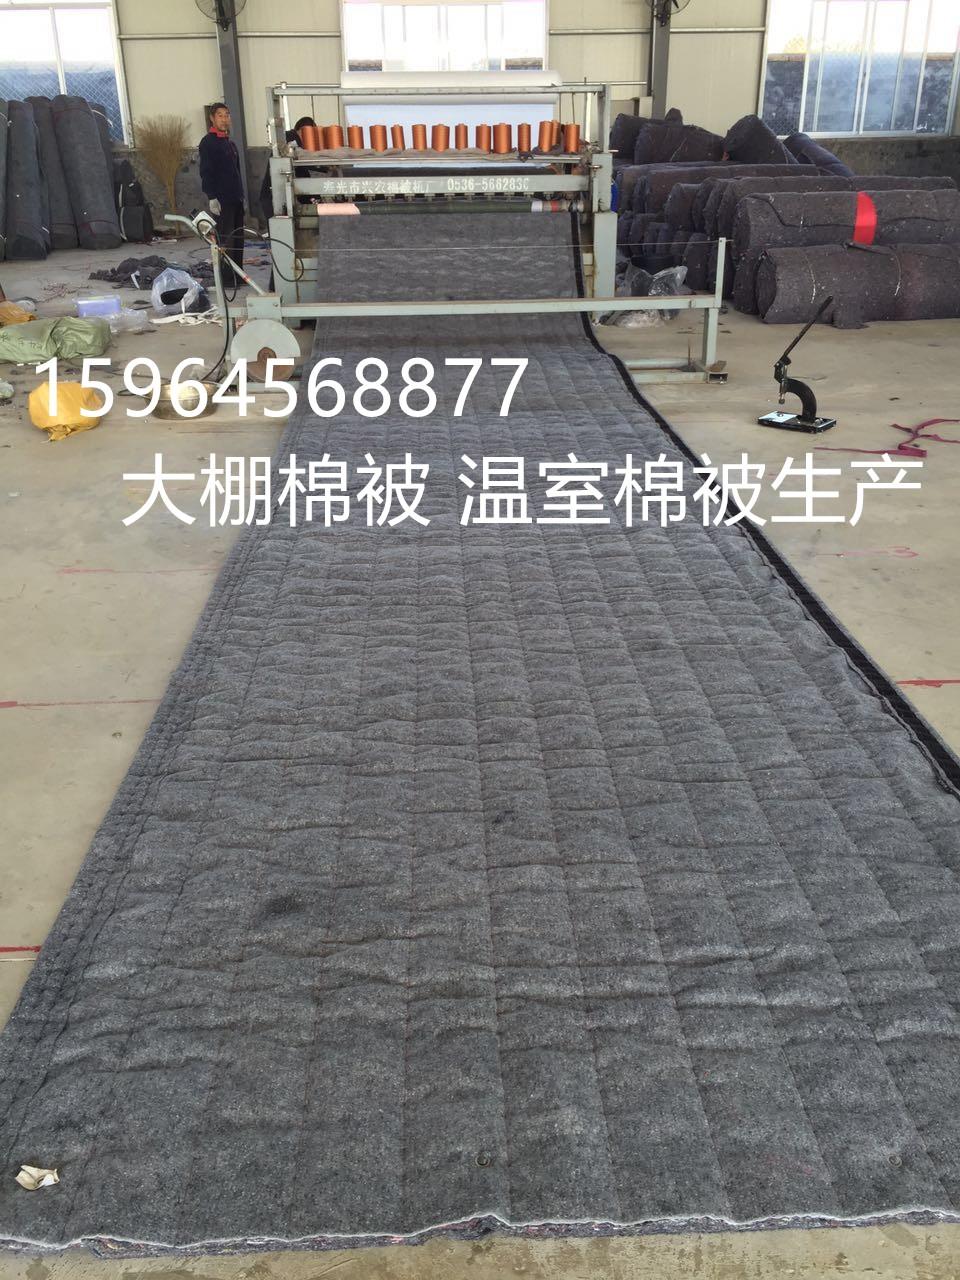 长毛棉芯价格性能,供应棉被,可定制保温被,防雨雪保温被